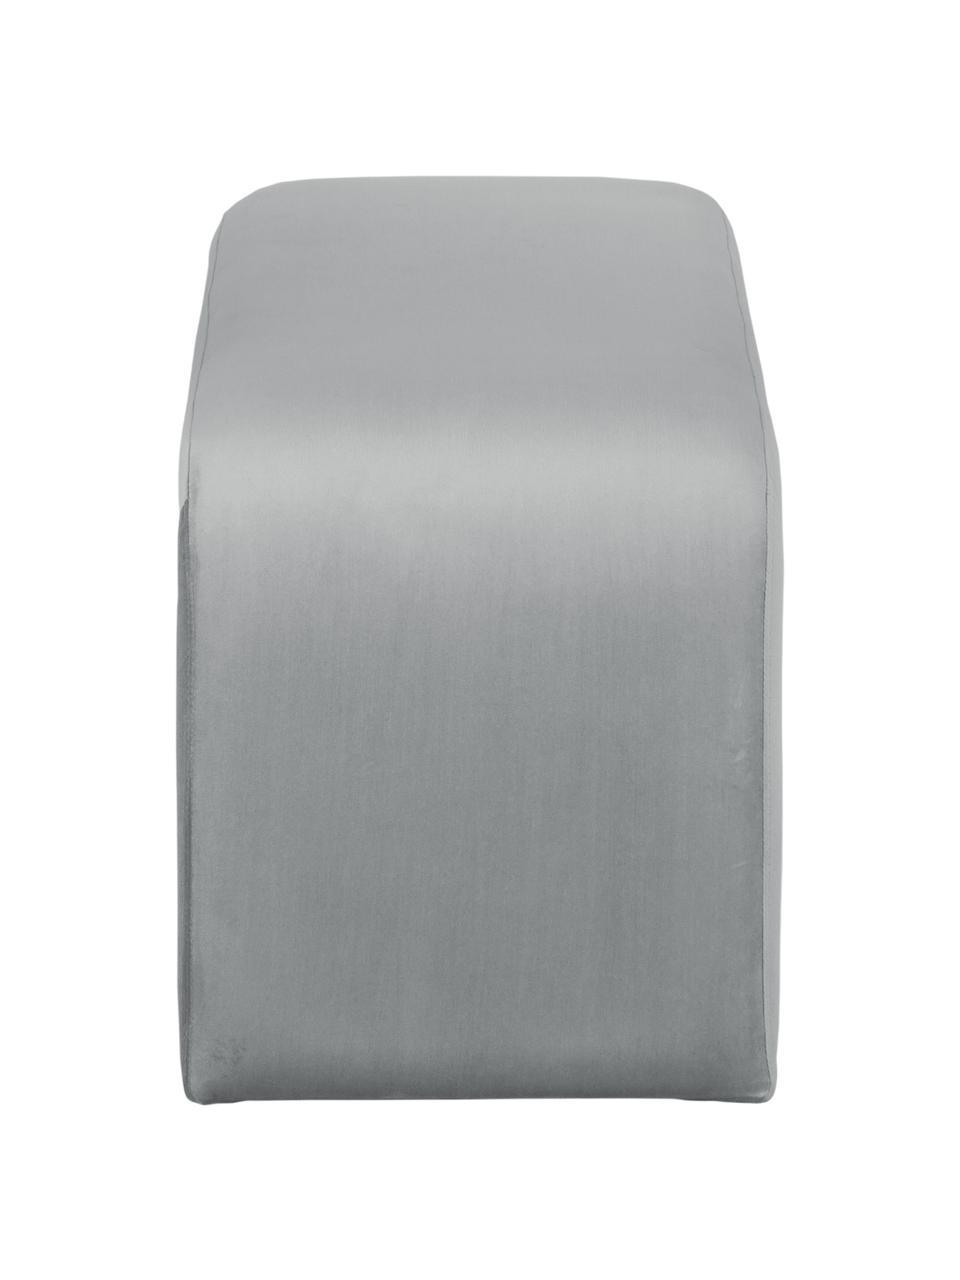 Ławka tapicerowana z aksamitu Penelope, Tapicerka: aksamit (poliester) 2500, Stelaż: metal, płyta wiórowa, Szary, S 110 x W 46 cm